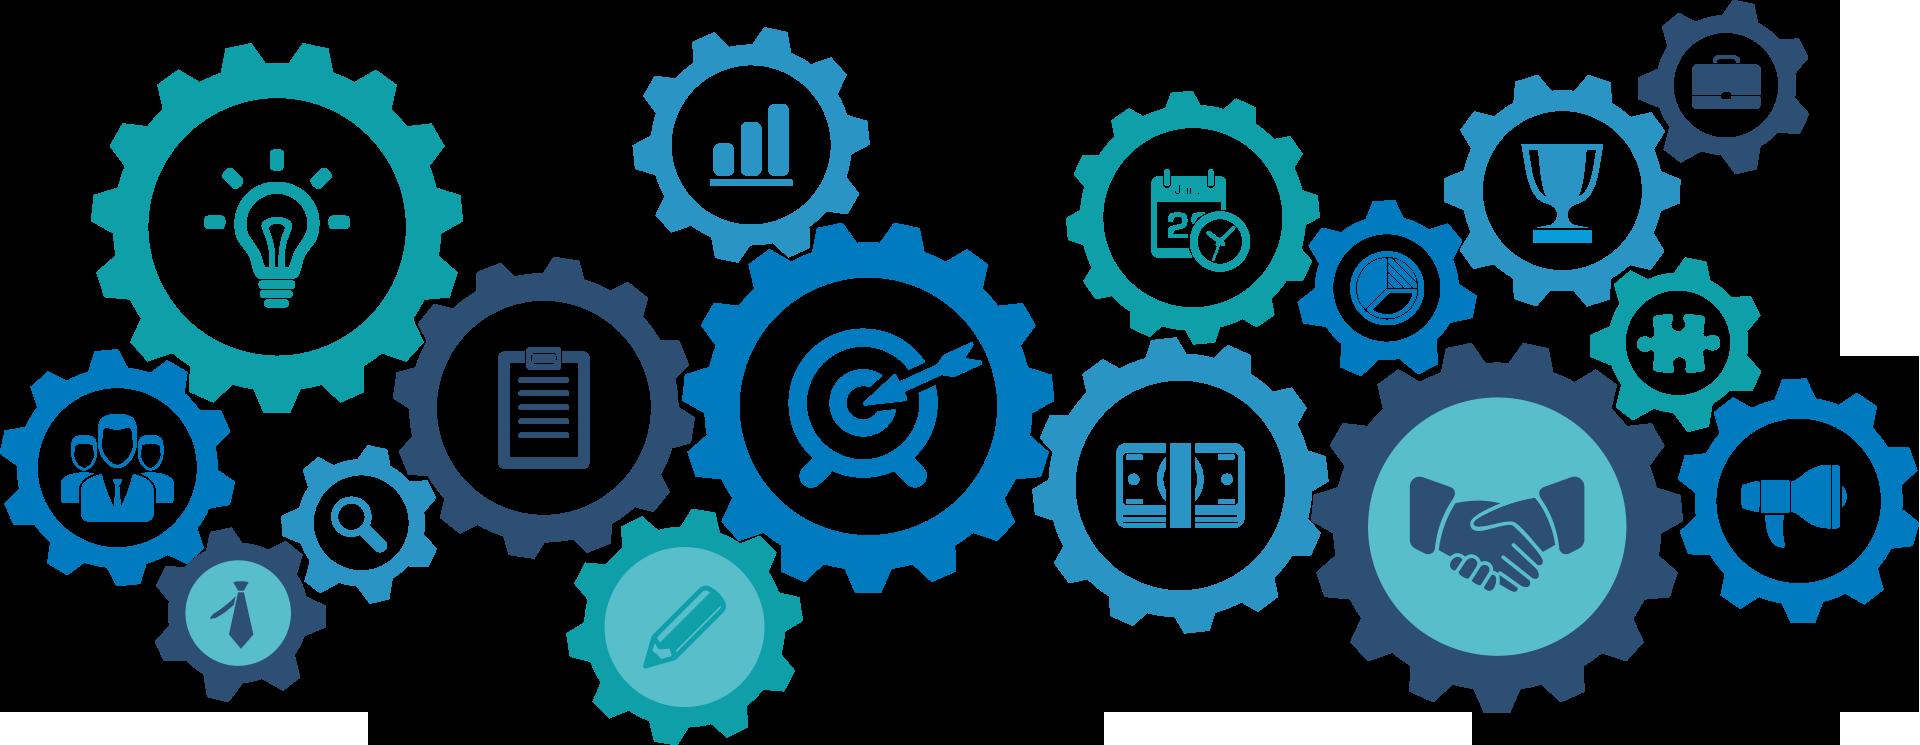 E-Pässe Markt 2023 Hersteller, Typen, Nachfrage, Regionen und Anwendungen-Spezifikationen-Prognose